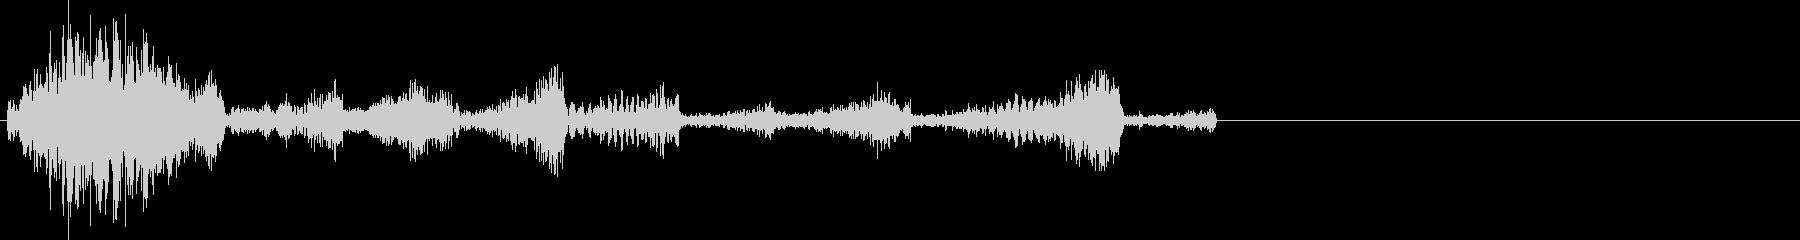 ブシュルルル(ブーメラン・投擲武器攻撃)の未再生の波形